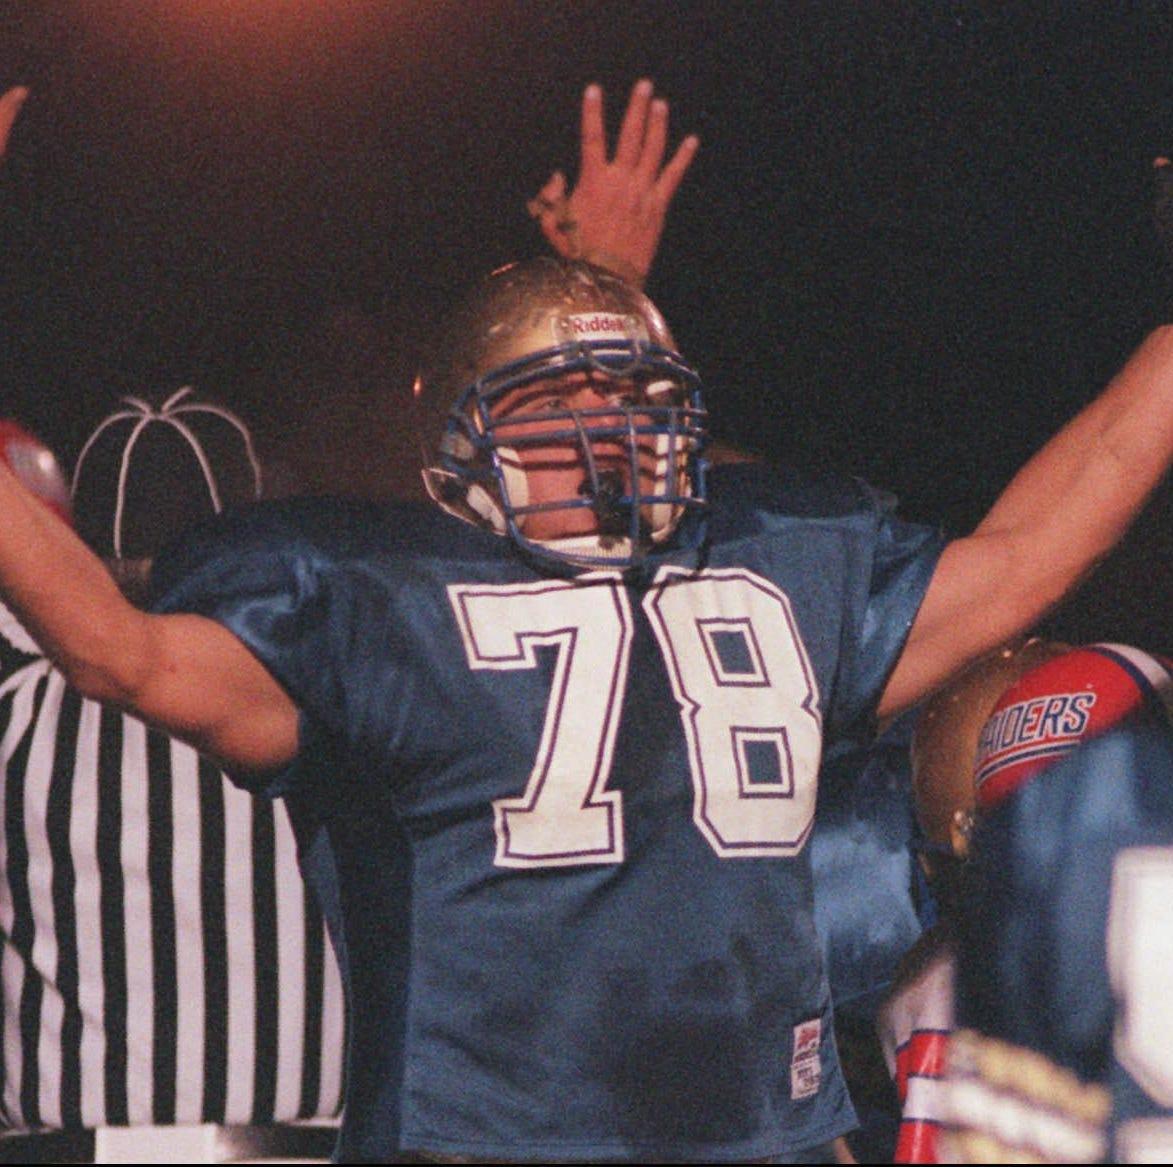 Webster's Matt Schifano celebrates a second-quarter touchdown against Fairport on Oct. 11, 1996.